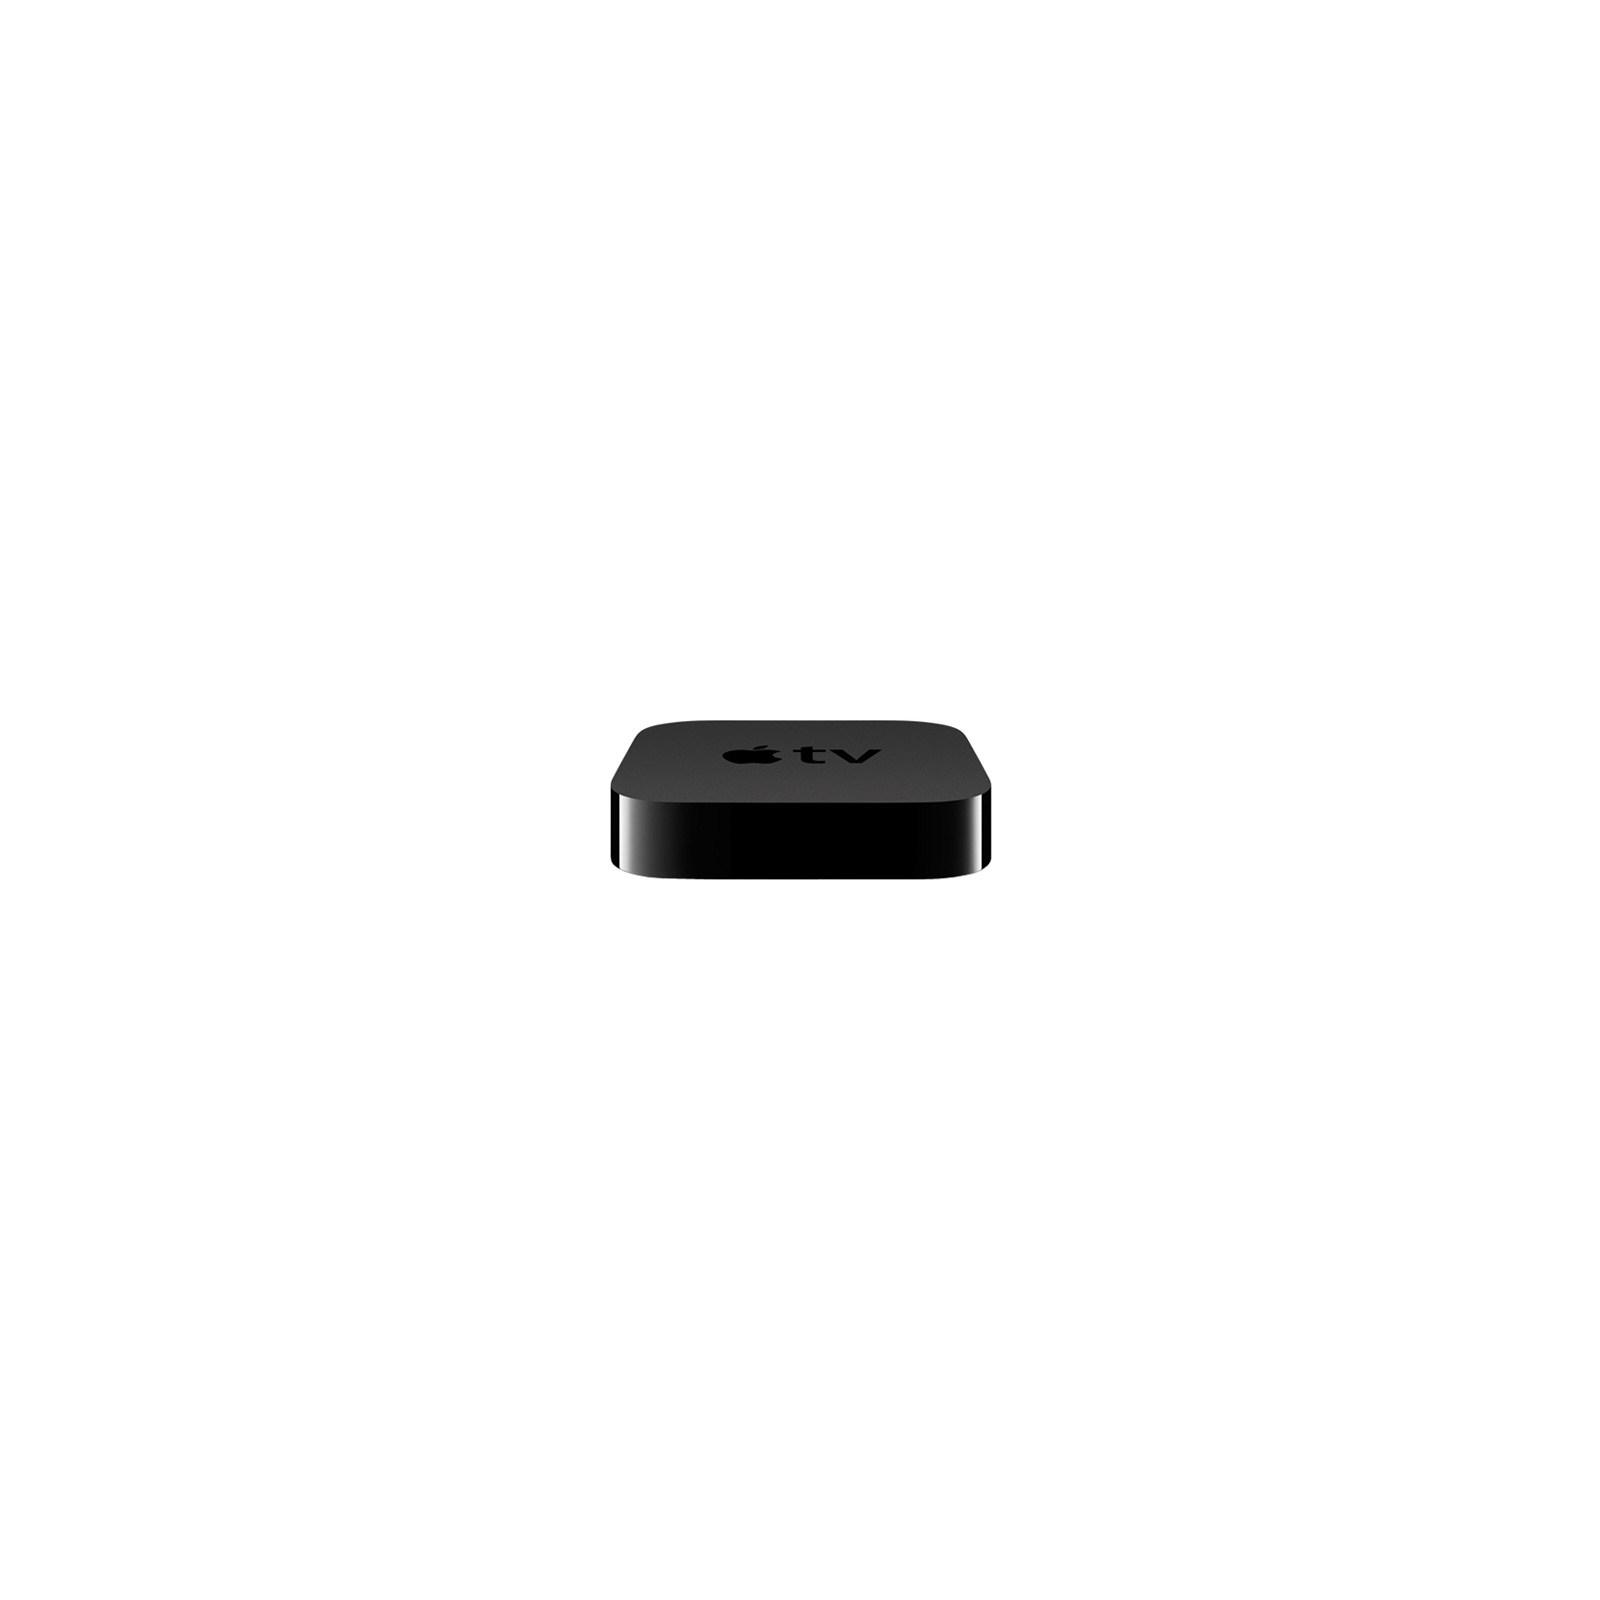 Медиаплеер Apple TV A1469 (Wi-Fi) (MD199RS/A)